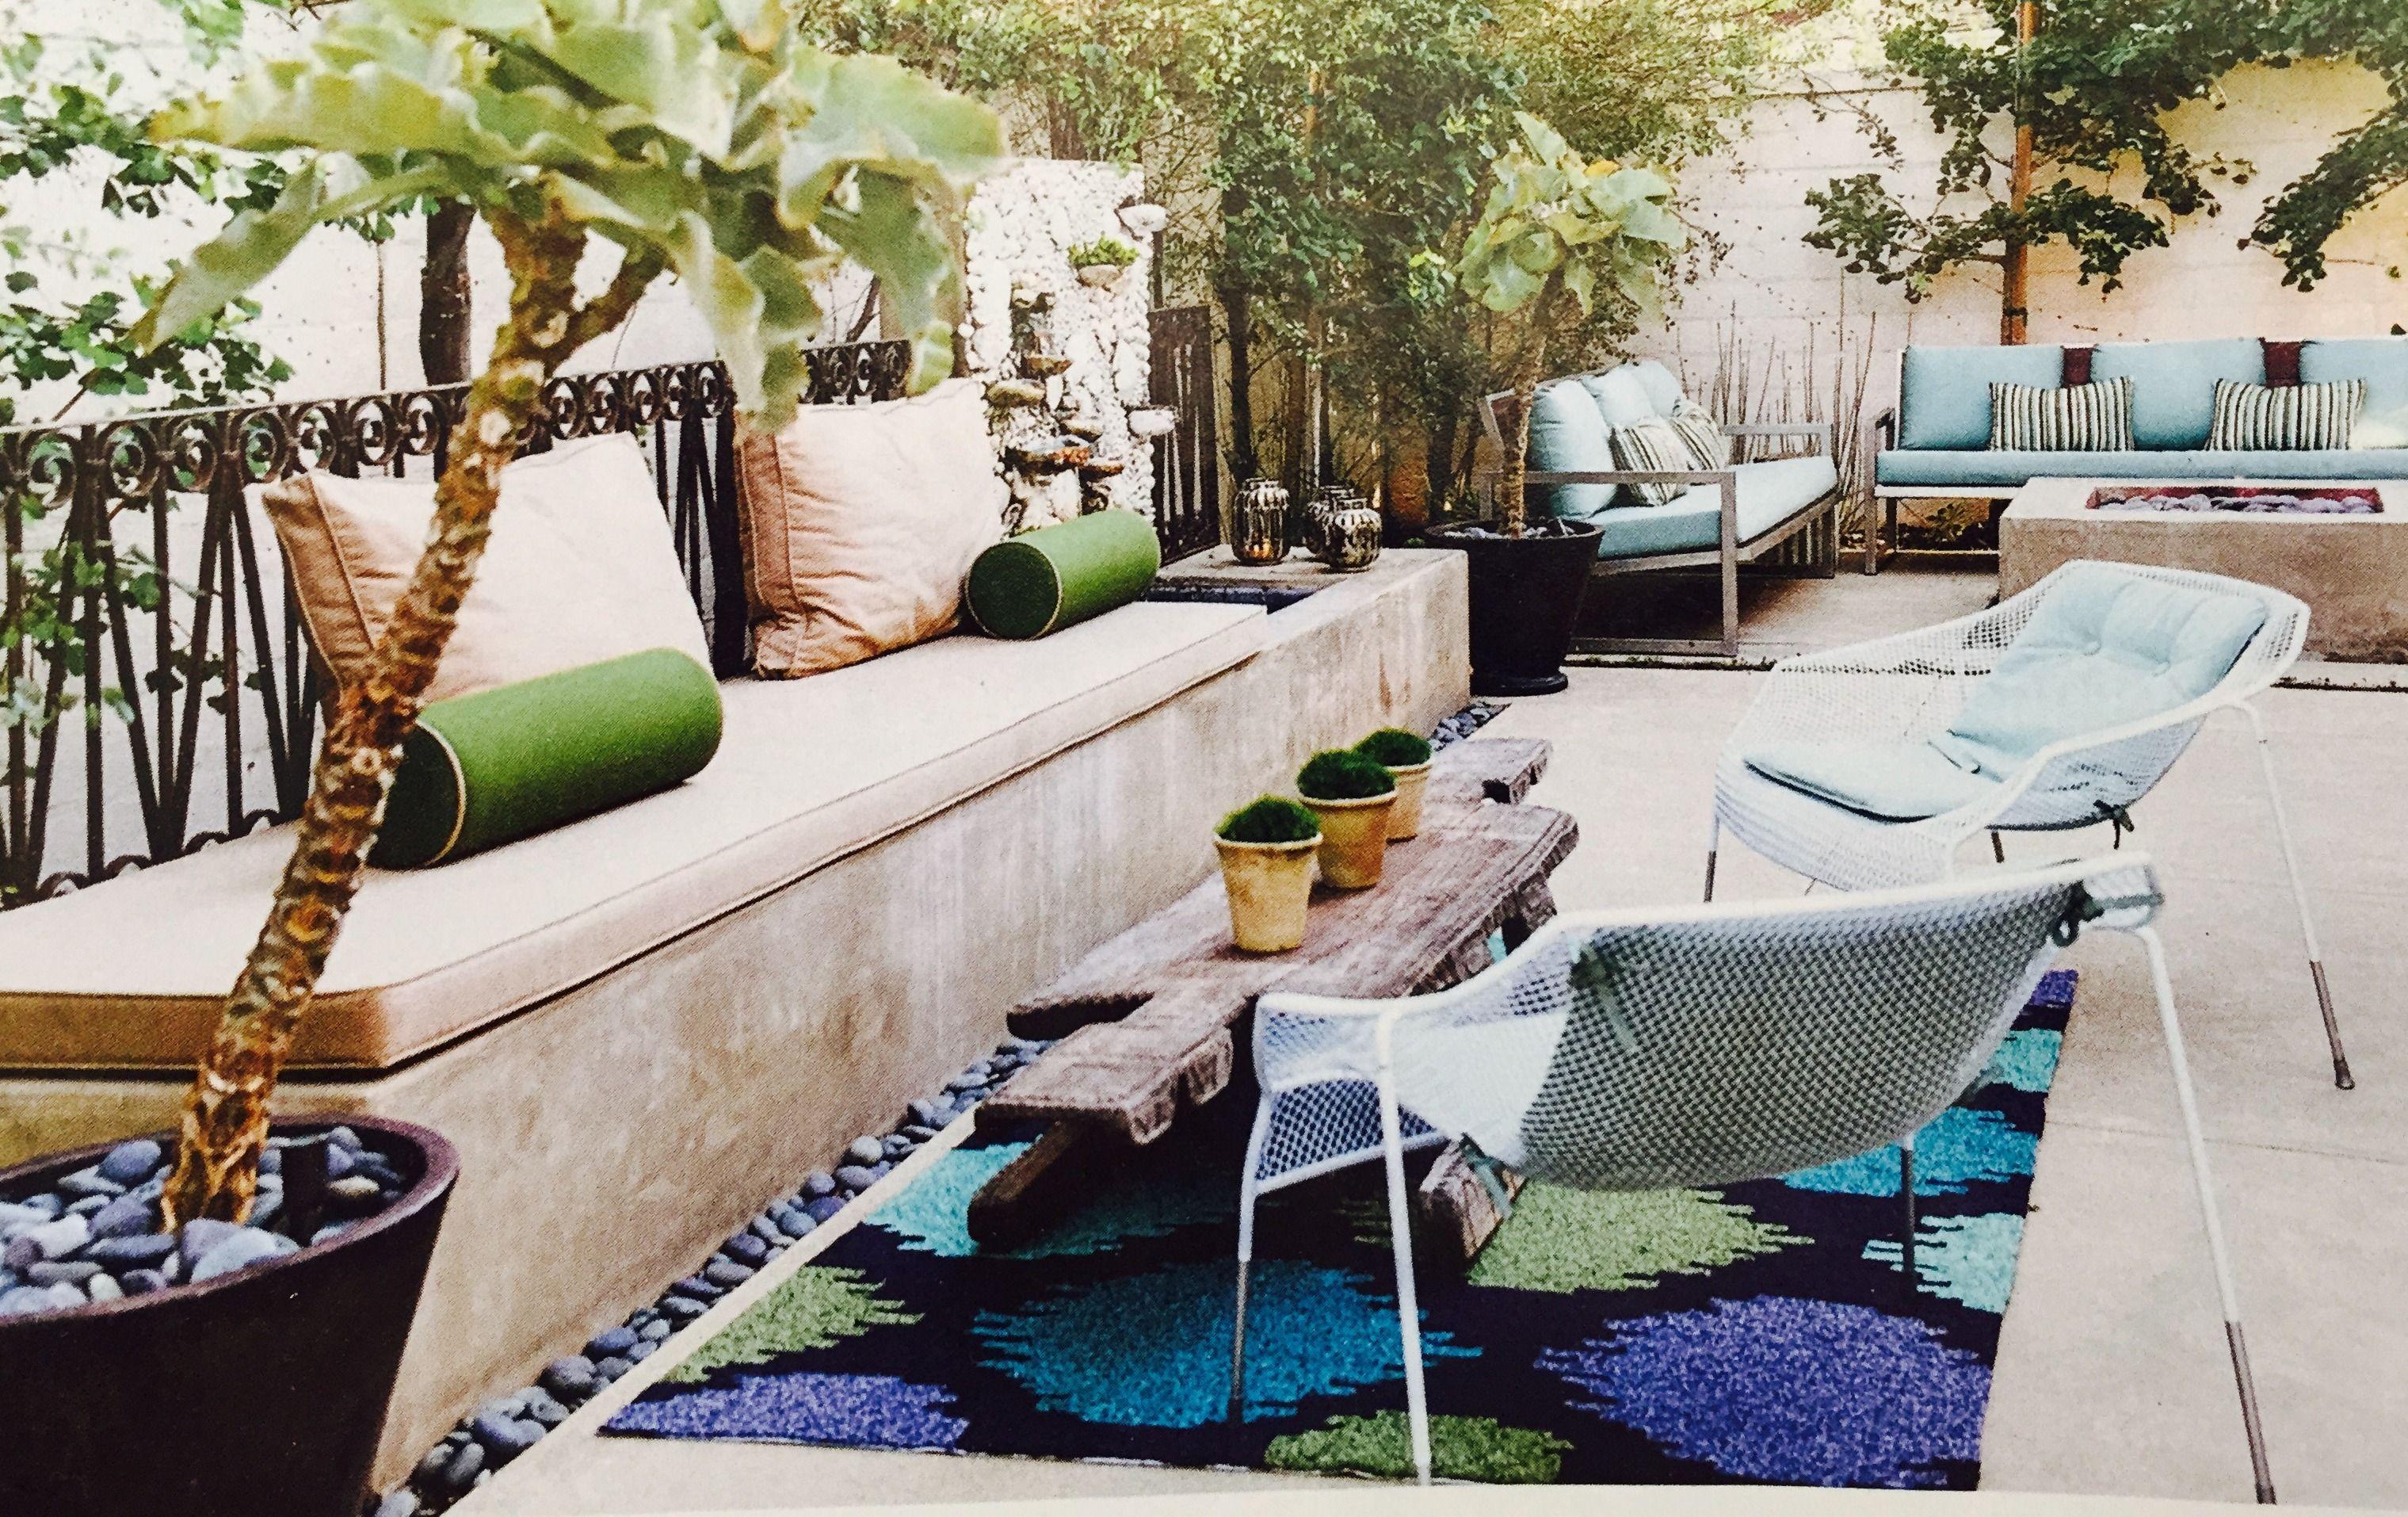 mollywood garden design landscape patio